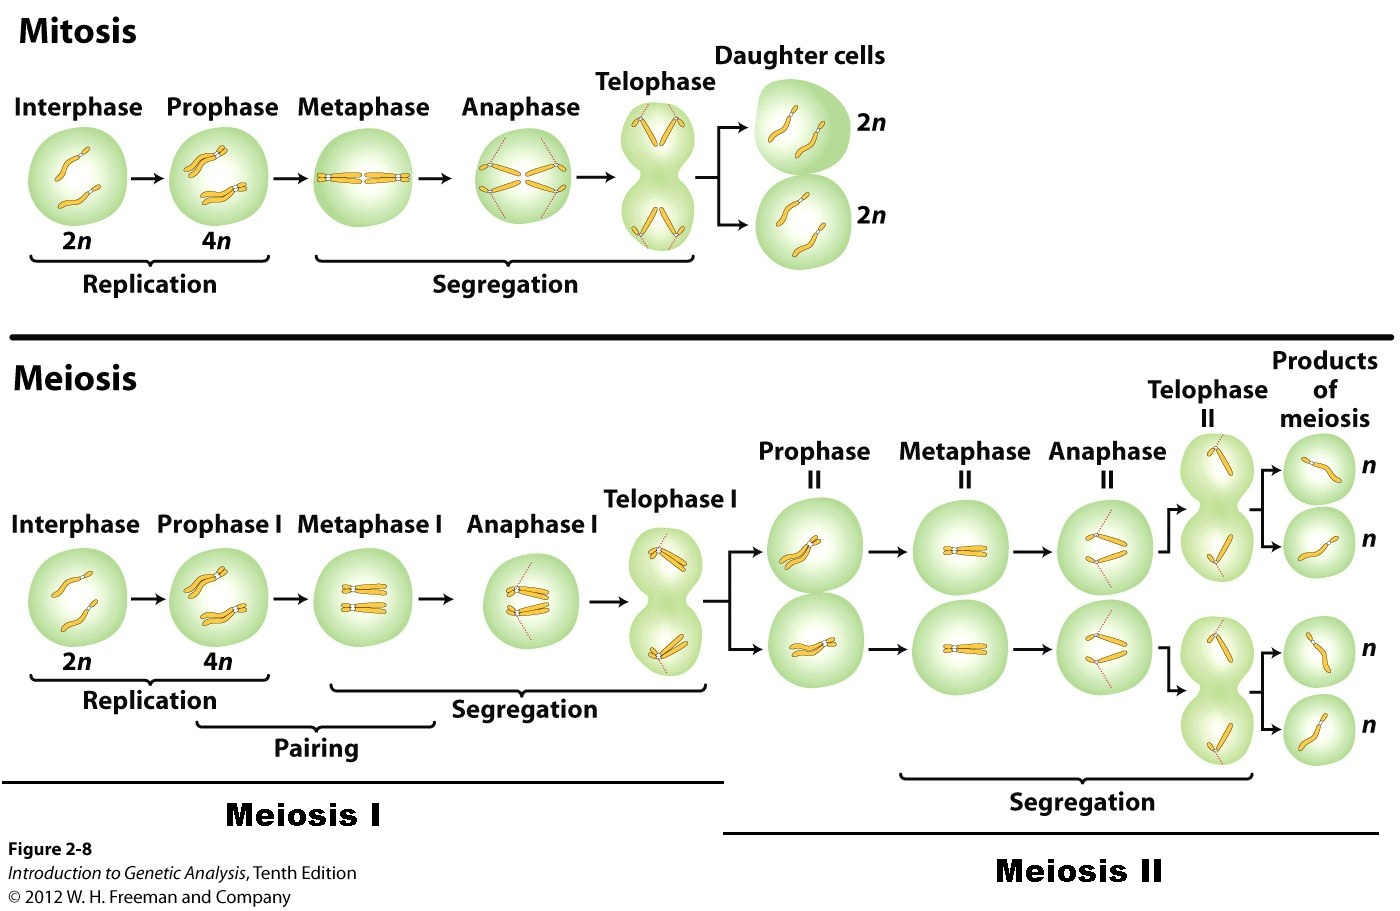 http://biology-forums.com/gallery/2137_21_04_12_2_19_02.jpeg